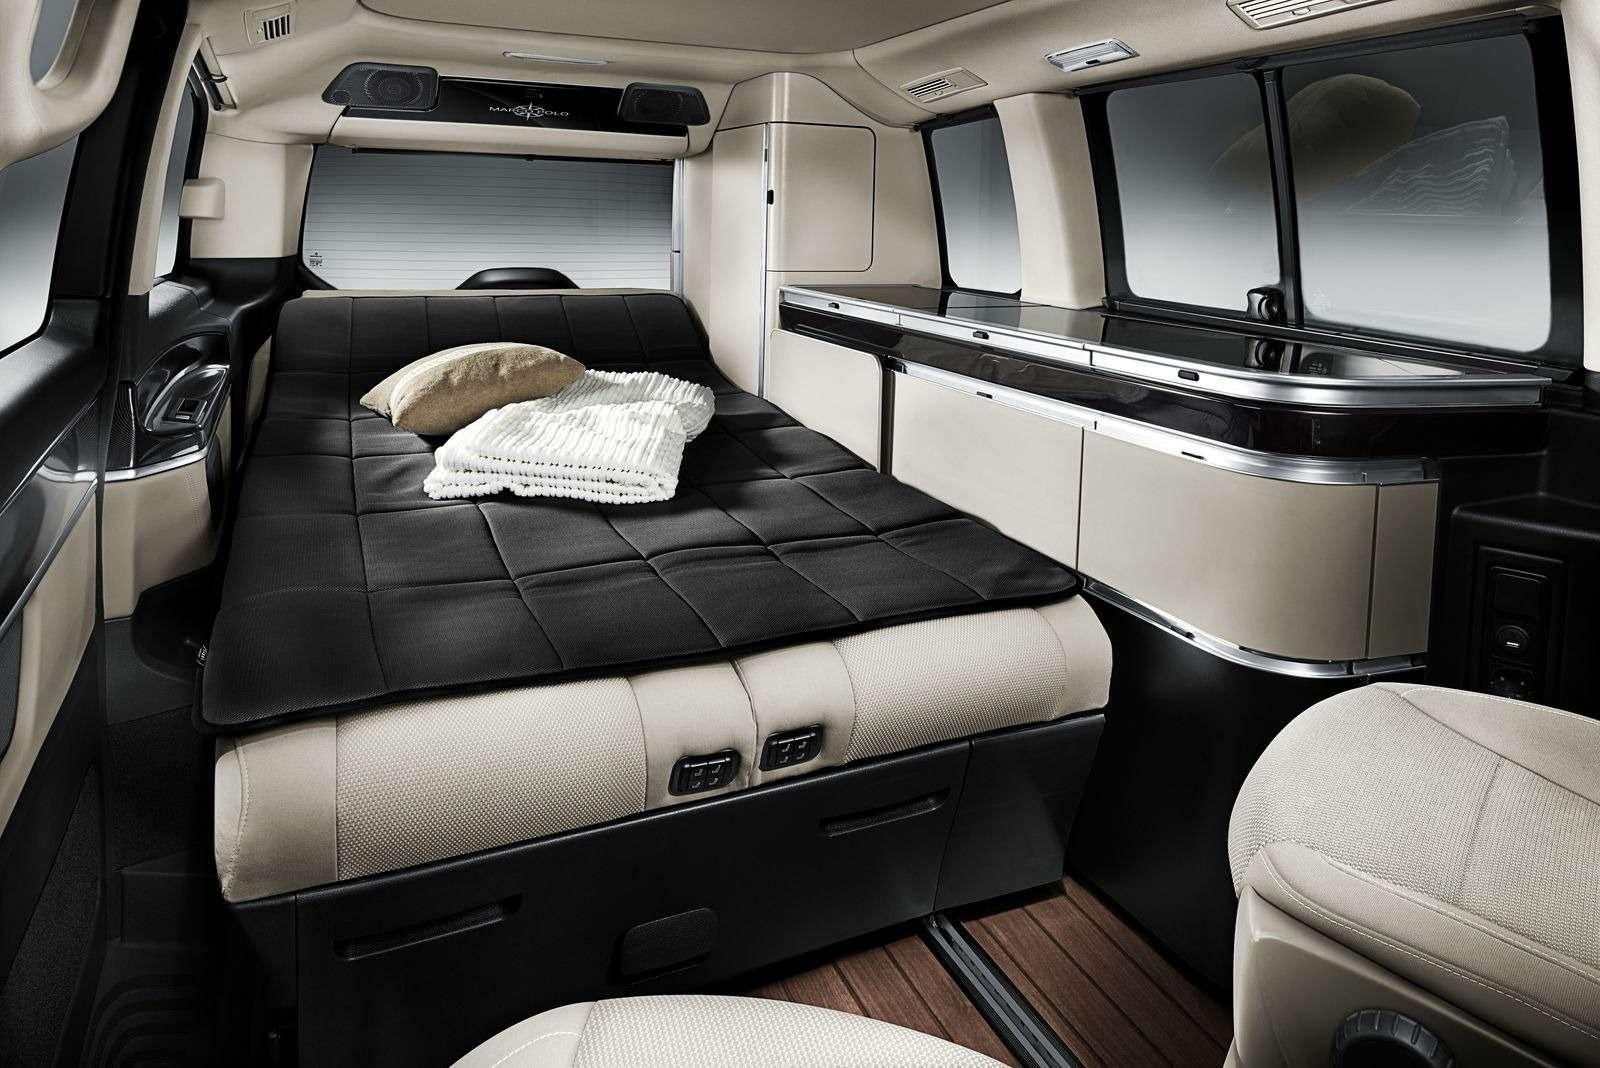 Mercedes-Benz предложил покупателям вРоссии микроавтобус дляпутешествий— фото 368340